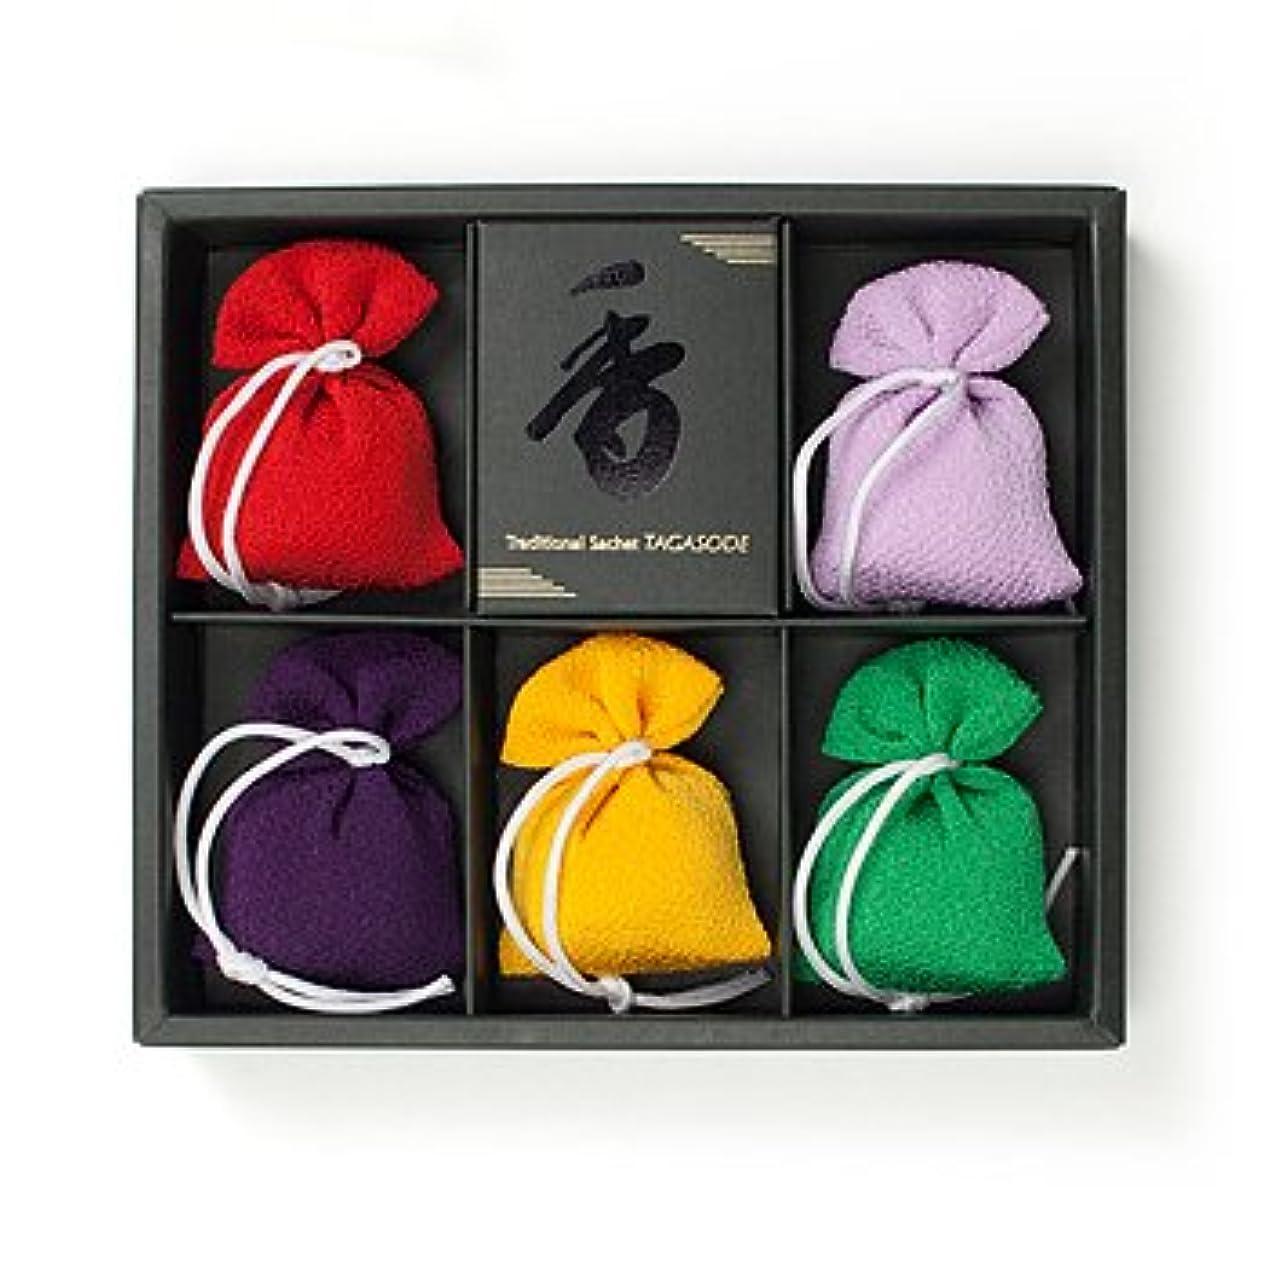 フラフープ秘書おもしろい匂い袋 誰が袖 上品(無地) (色は選べません) 5個入 松栄堂 Shoyeido